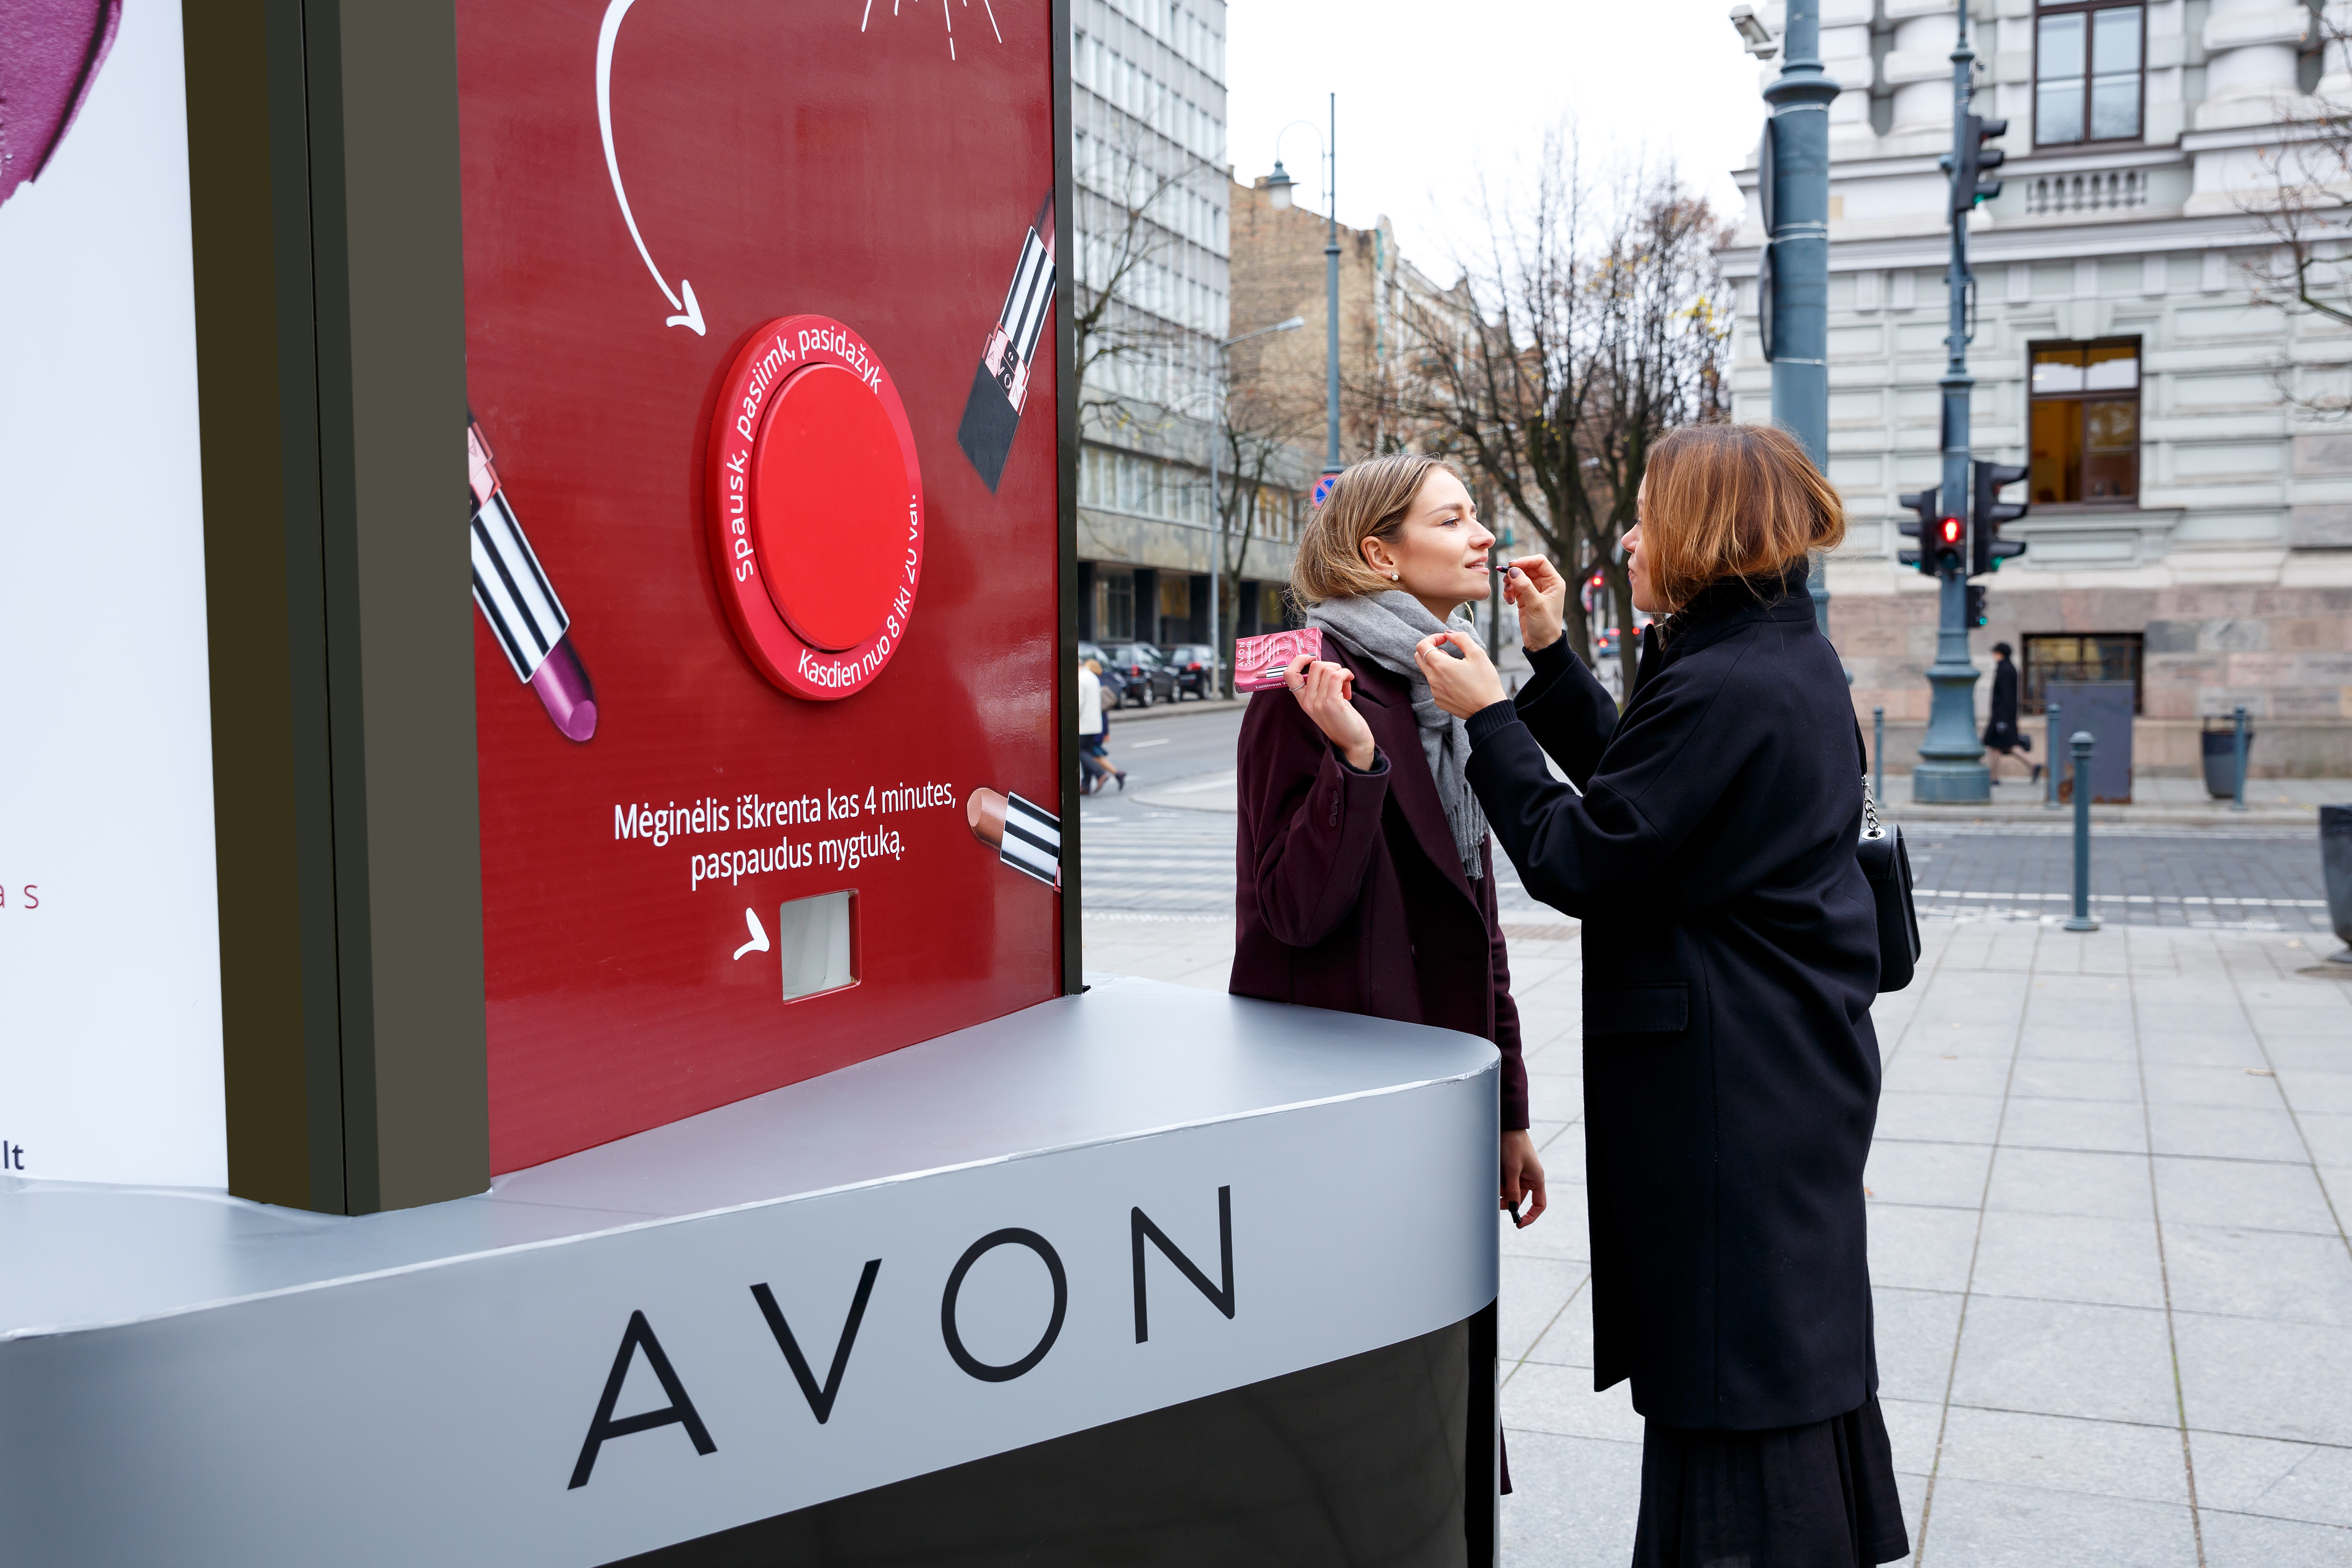 JCDecaux Lituania campagna OOh per Avon